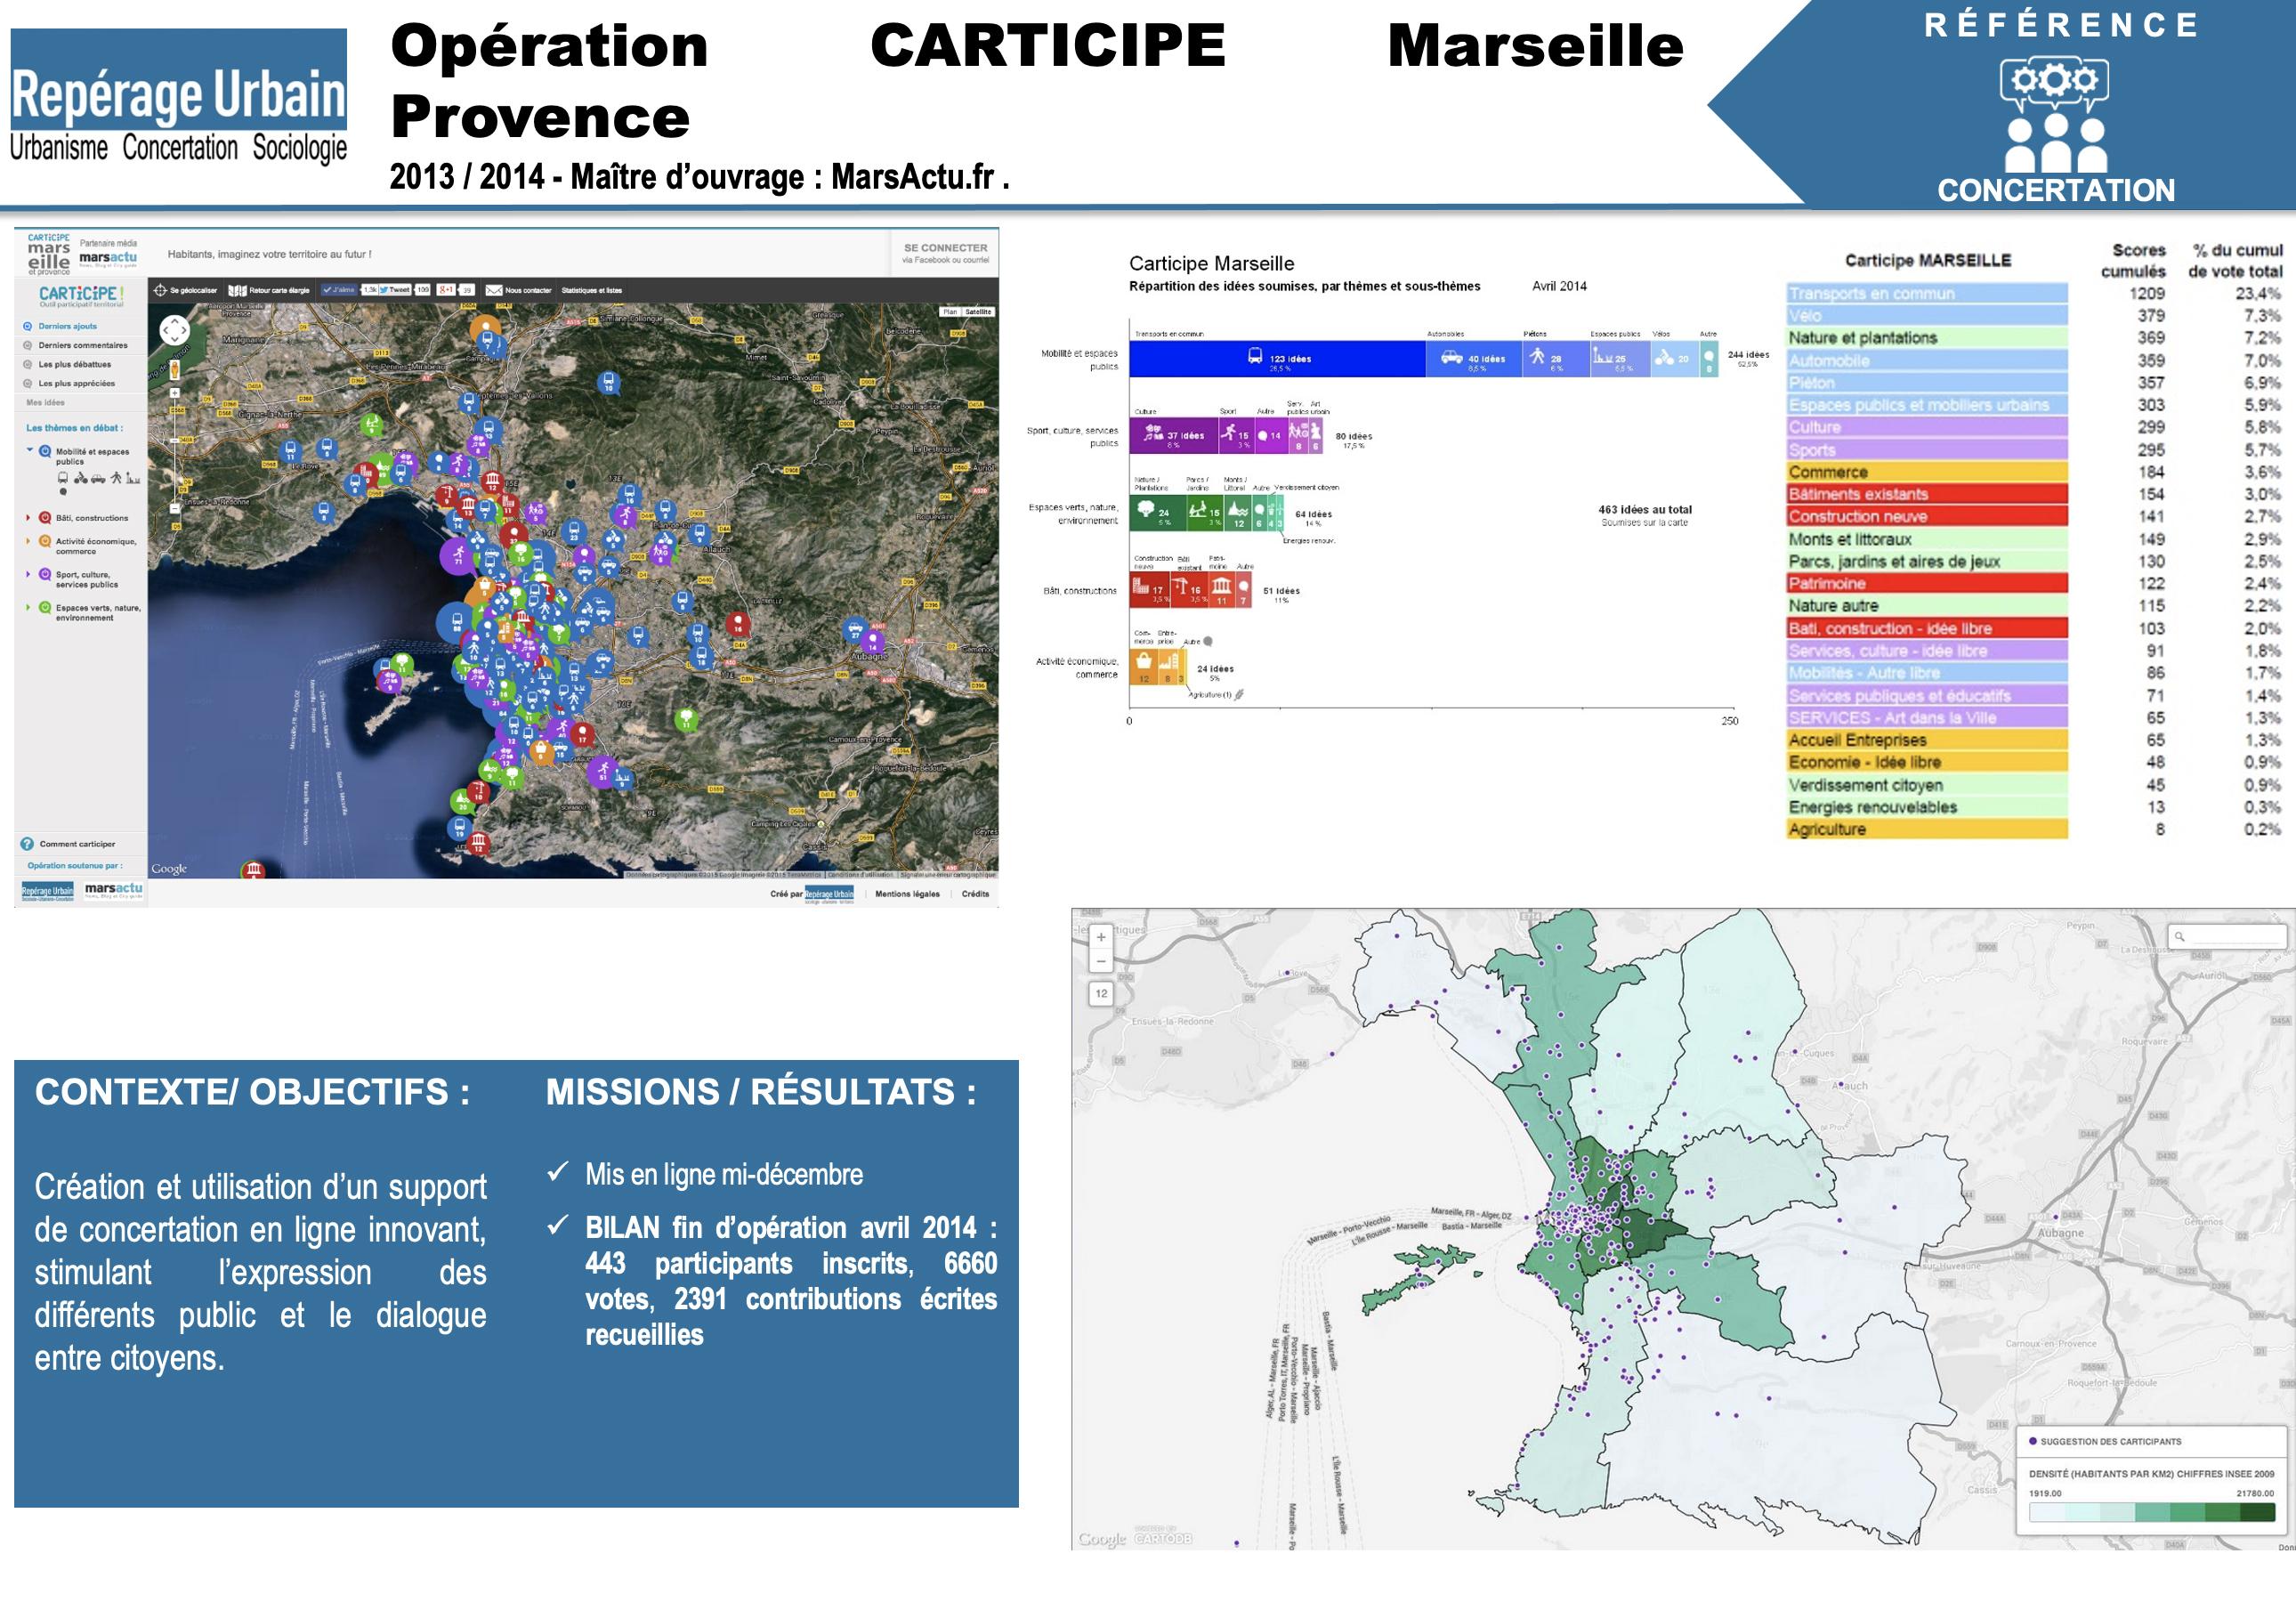 2014 - Carticipe Marseille